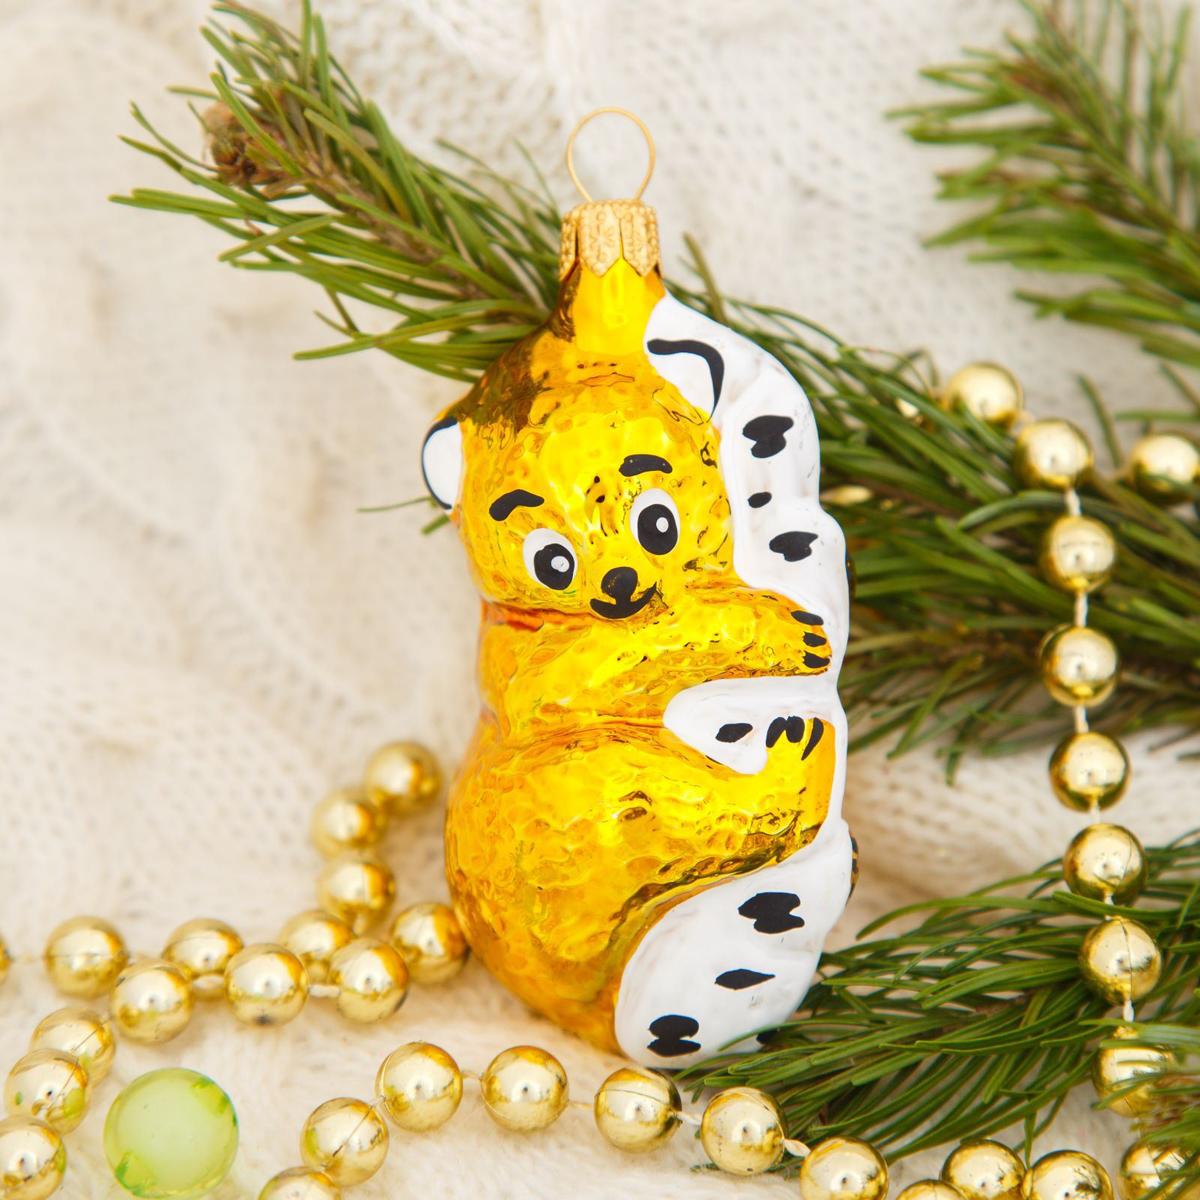 Новогоднее подвесное украшение Ёлочка Мишка на дереве, 9 х 4 х 4 см2564811Новогоднее подвесное украшение Ёлочка отлично подойдет для декорации вашего дома и новогодней ели. Новогоднее украшение можно повесить в любом понравившемся вам месте. Но, конечно, удачнее всего оно будет смотреться на праздничной елке.Елочная игрушка - символ Нового года. Она несет в себе волшебство и красоту праздника. Такое украшение создаст в вашем доме атмосферу праздника, веселья и радости.